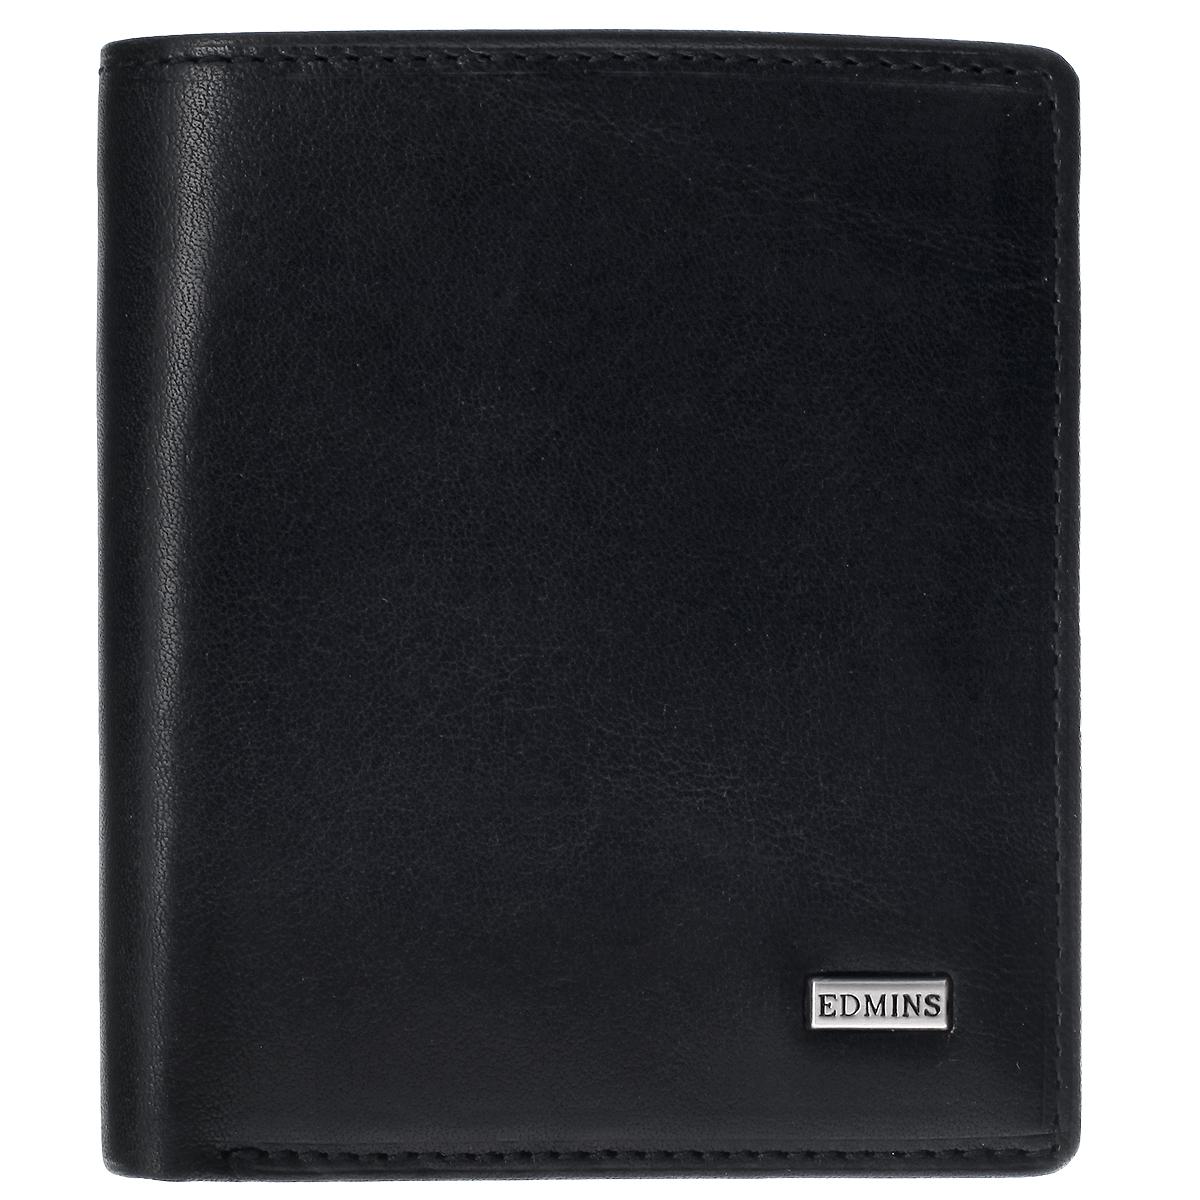 Портмоне женское EdminsW16-11135_914Женское портмоне Edmins выполнено из натуральной кожи с глянцевой поверхностью. Лицевая сторона оформлена небольшой металлической пластиной с гравировкой Edmins. Портмоне закрывается клапаном на кнопку. Внутри расположены два отделения для купюр, три прорезных кармана для пластиковых карт и визиток, два потайных кармана и отделения для мелочи на застежке-кнопке. С внутренней стороны портмоне оформлено тиснением в виде логотипа бренда.Портмоне упаковано в фирменную коробку с логотипом бренда.Такое стильное портмоне станет отличным подарком для человека, ценящего качественные и необычные вещи.